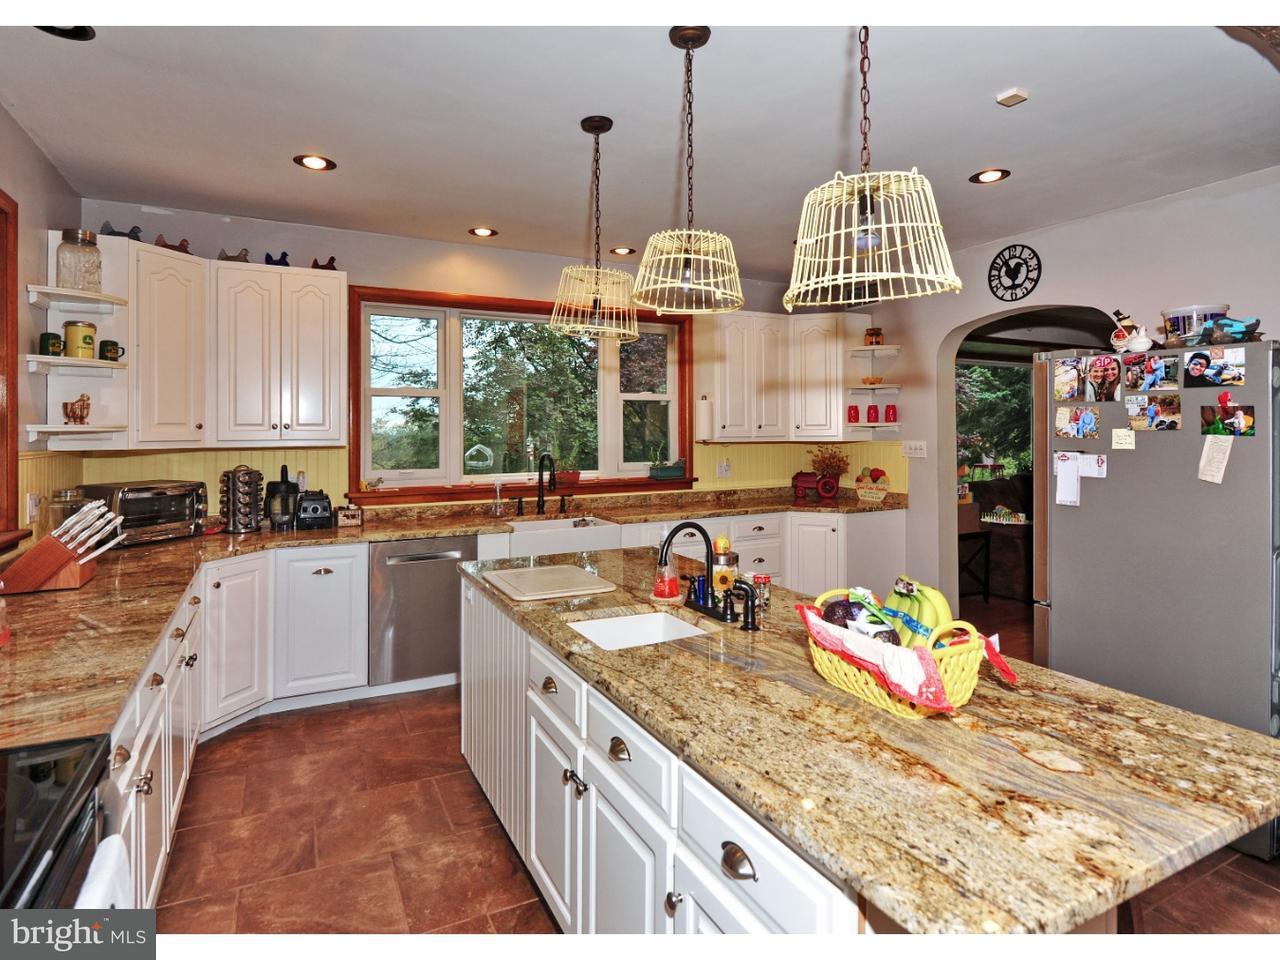 Частный односемейный дом для того Продажа на 250 FORGEDALE Road Barto, Пенсильвания 19504 Соединенные Штаты